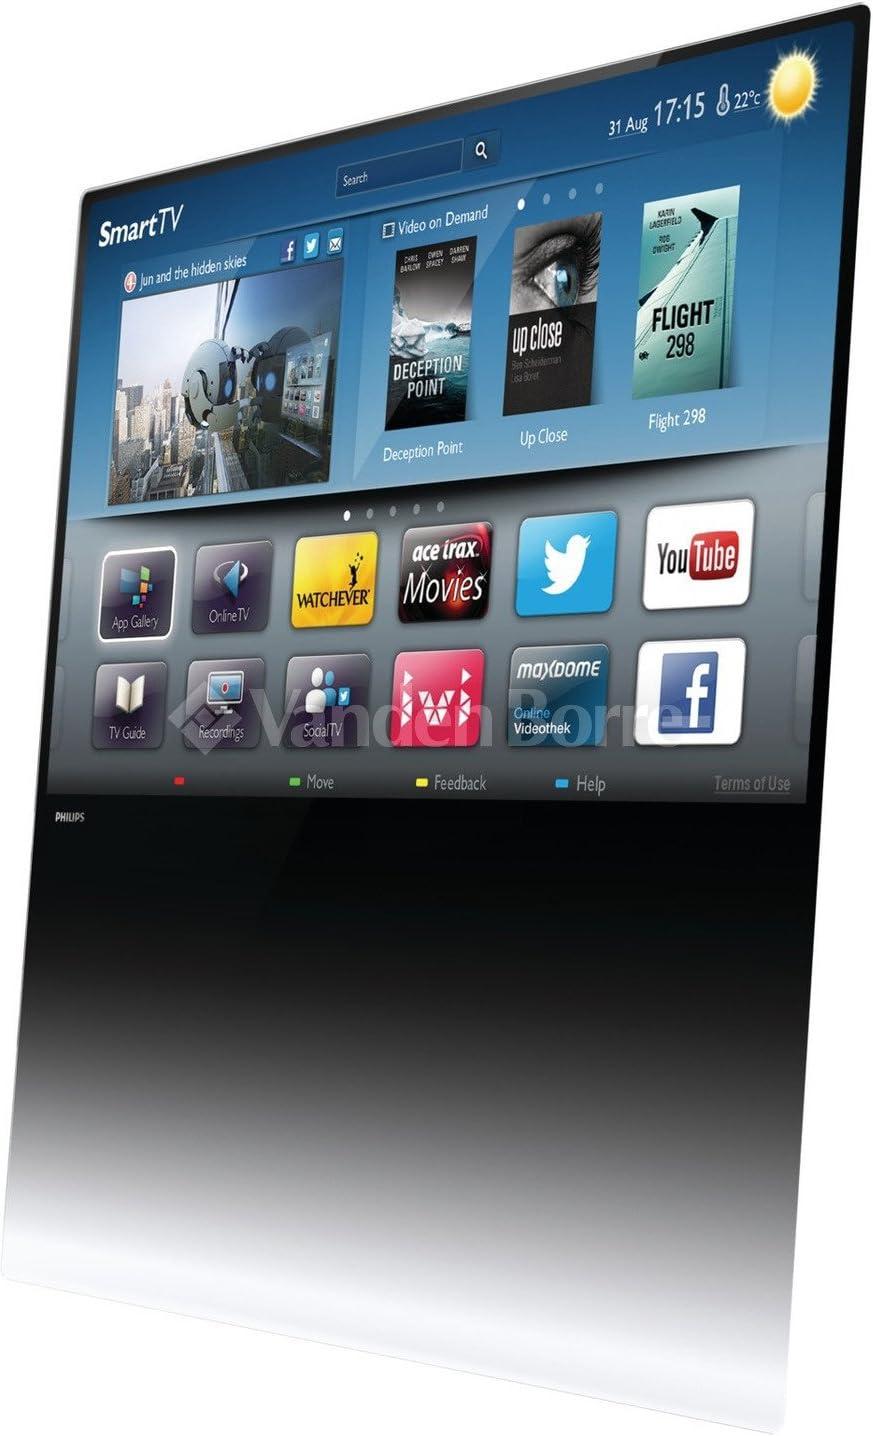 Philips DesignLine - Televisor (Full HD, 802.11n, A+, 16:9, 16:10, Zoom, 1920 x 1080 (HD 1080)): Amazon.es: Electrónica